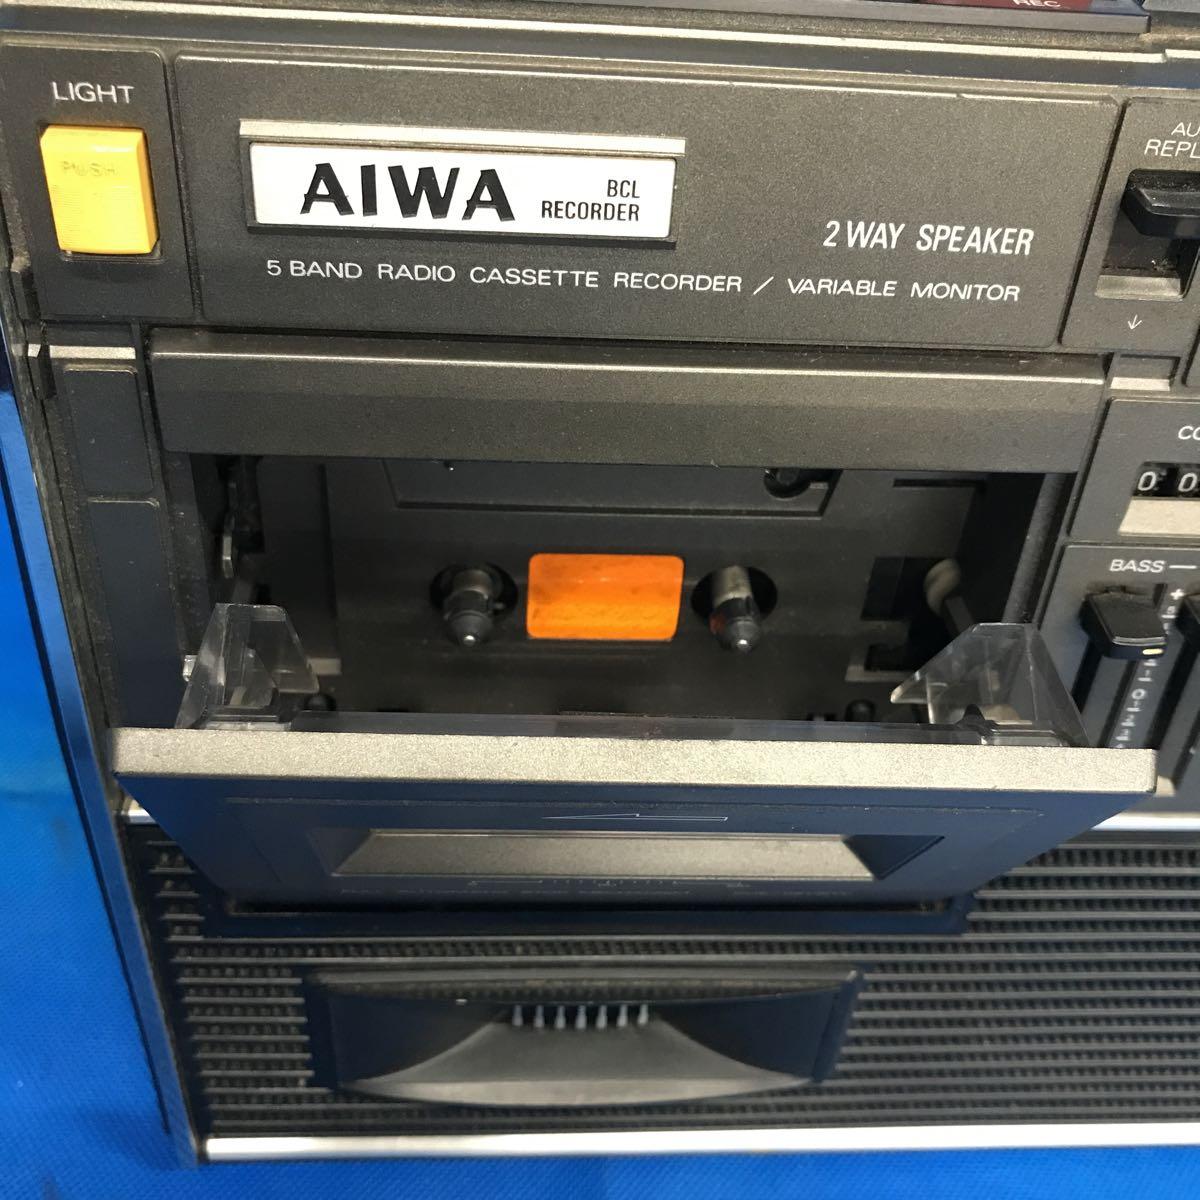 AIWA/アイワ 5バンド ラジオカセットレコーダー BCLレコーダー TPR-255 電源コード付き 【ジャンク品/現状渡し/部品取り/修理前提】_画像2